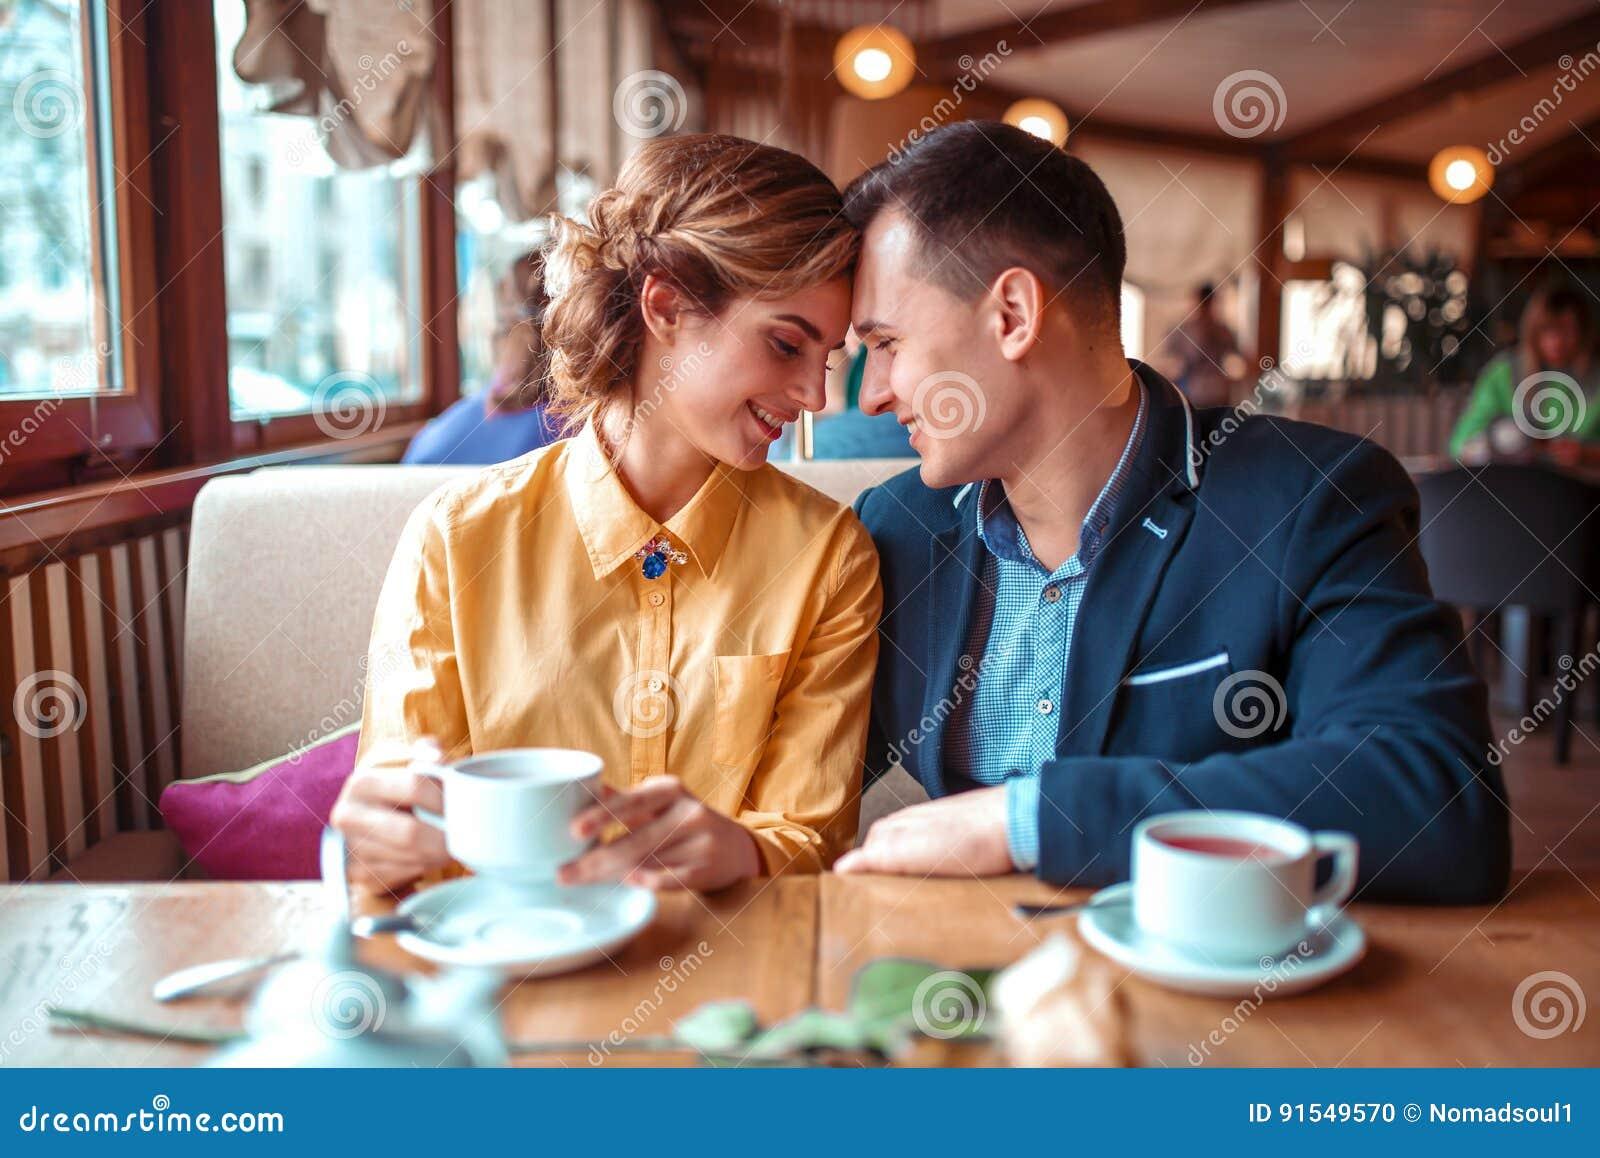 Lyckliga par, romantiskt datum i restaurang